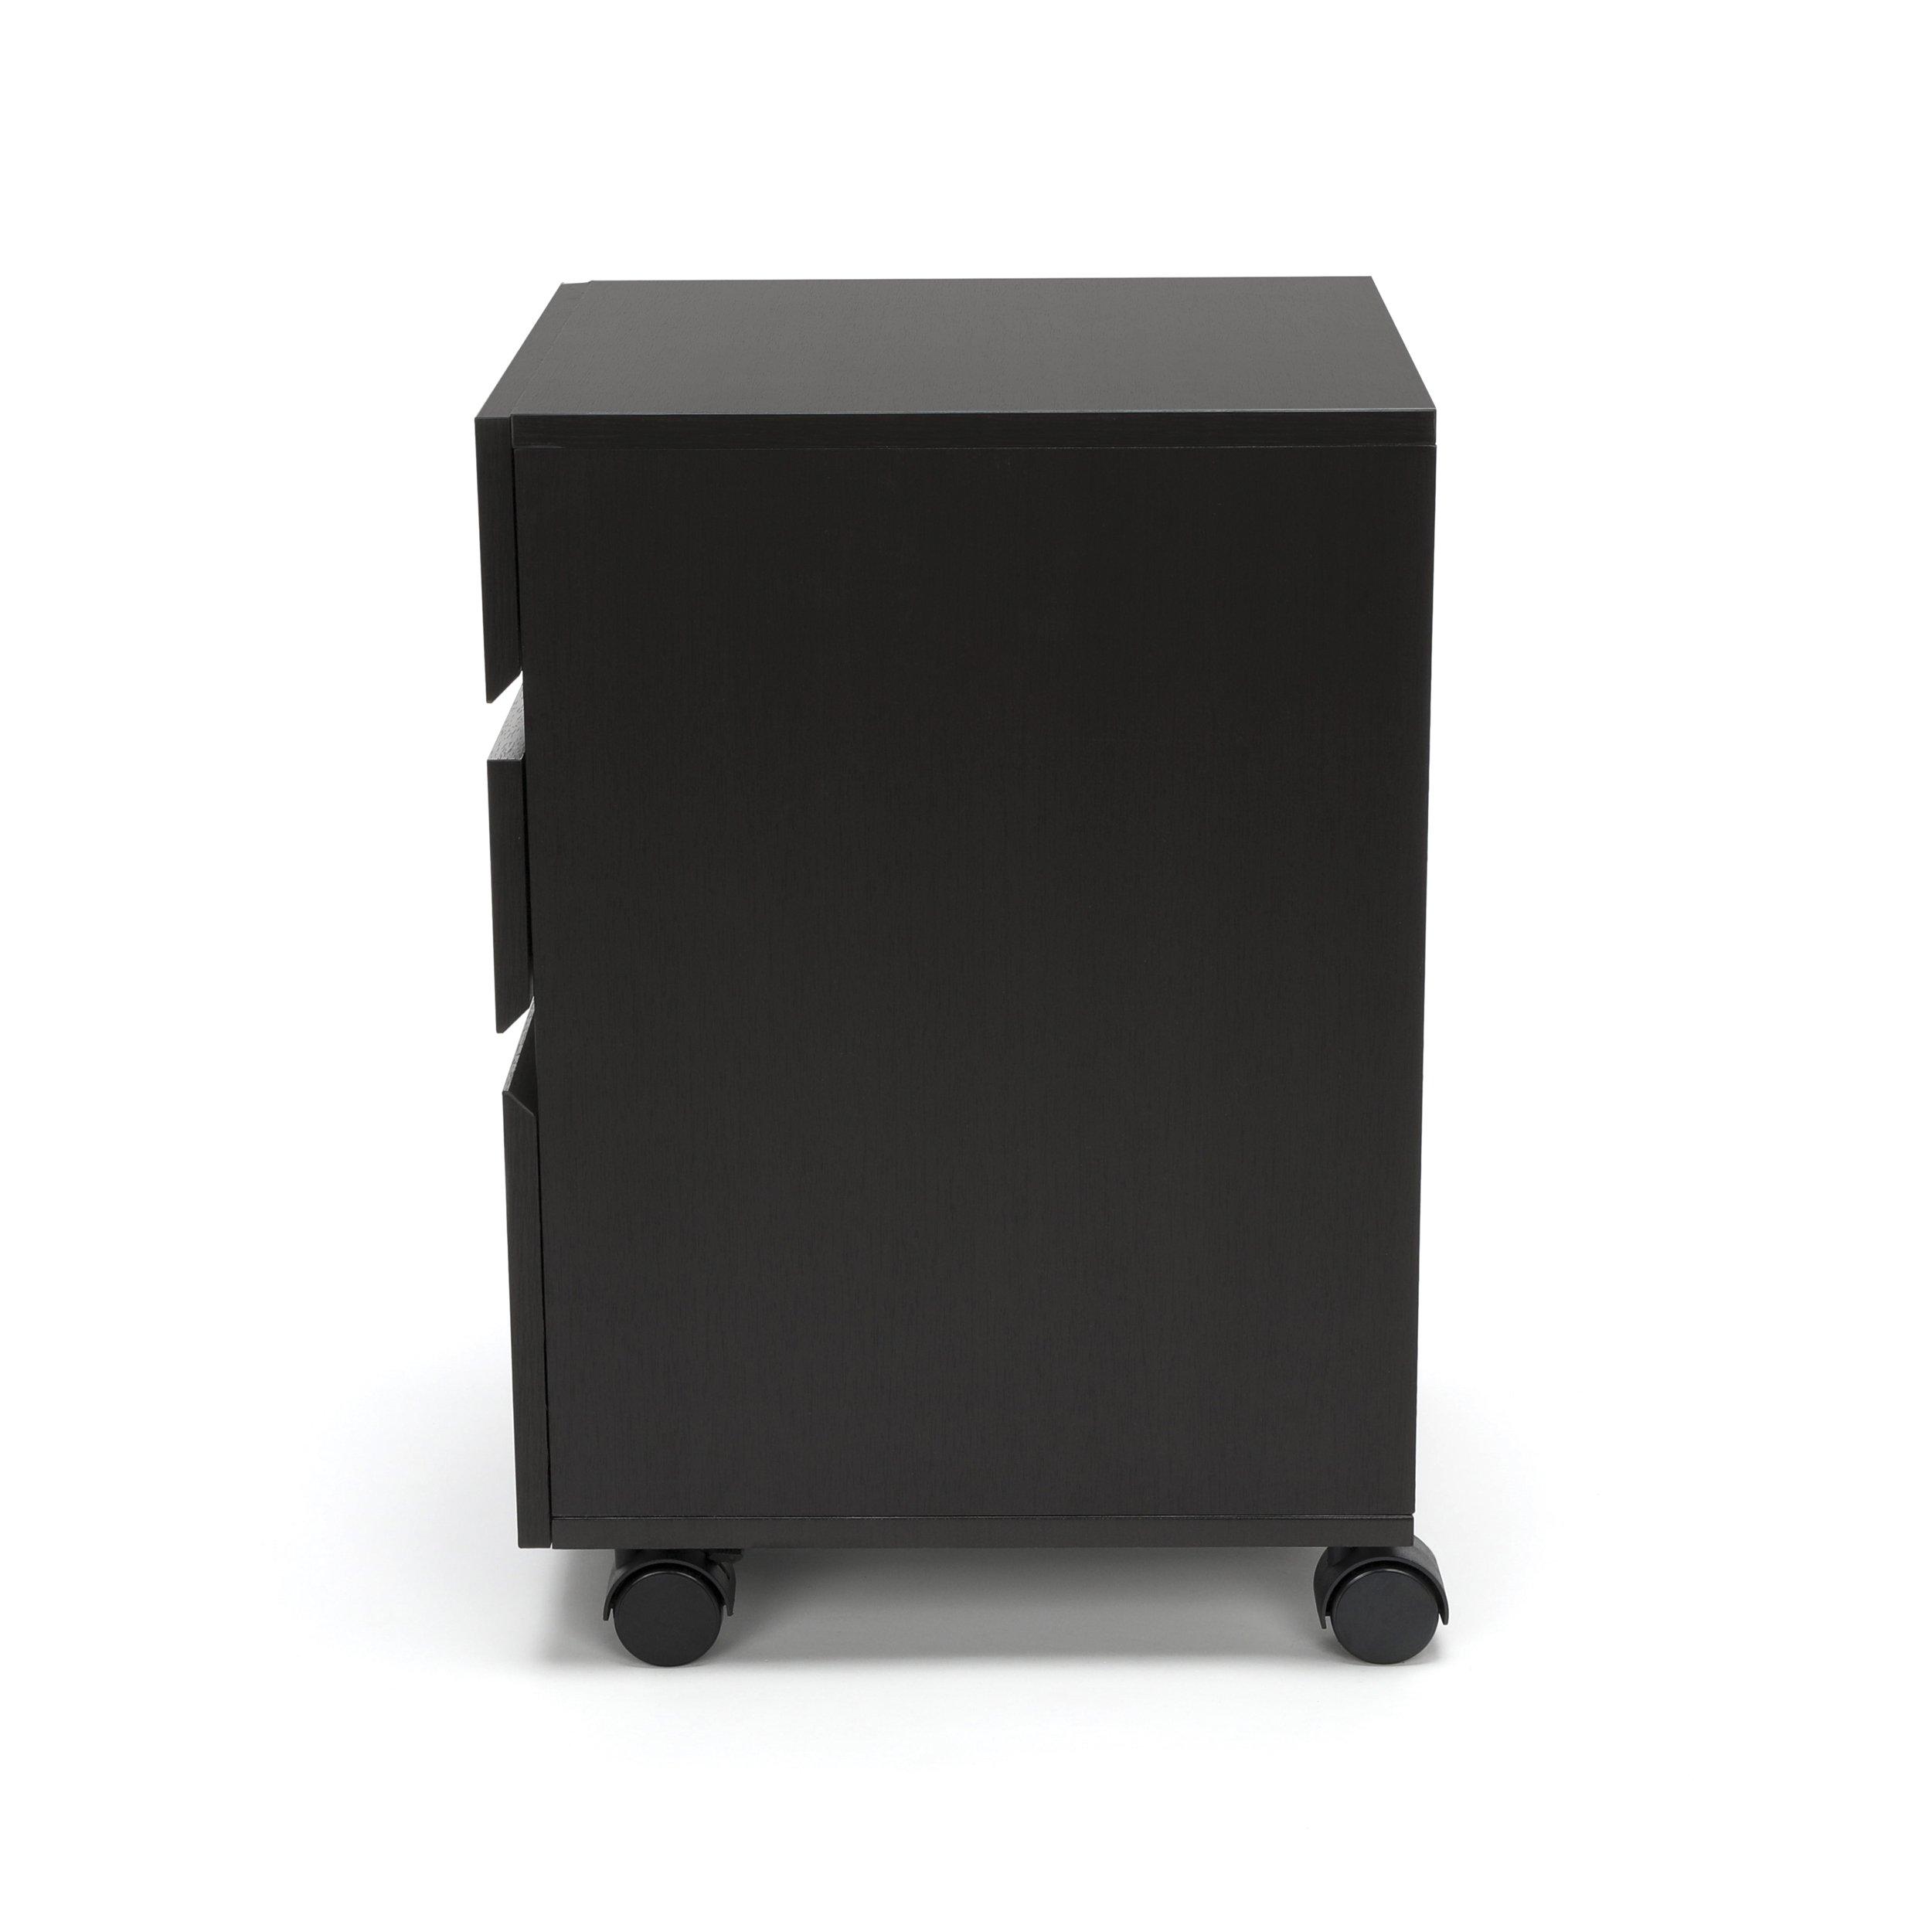 Essentials File Cabinet - 3-Drawer Wheeled Mobile Pedestal Cabinet, Espresso (ESS-1030-ESP) by OFM (Image #4)